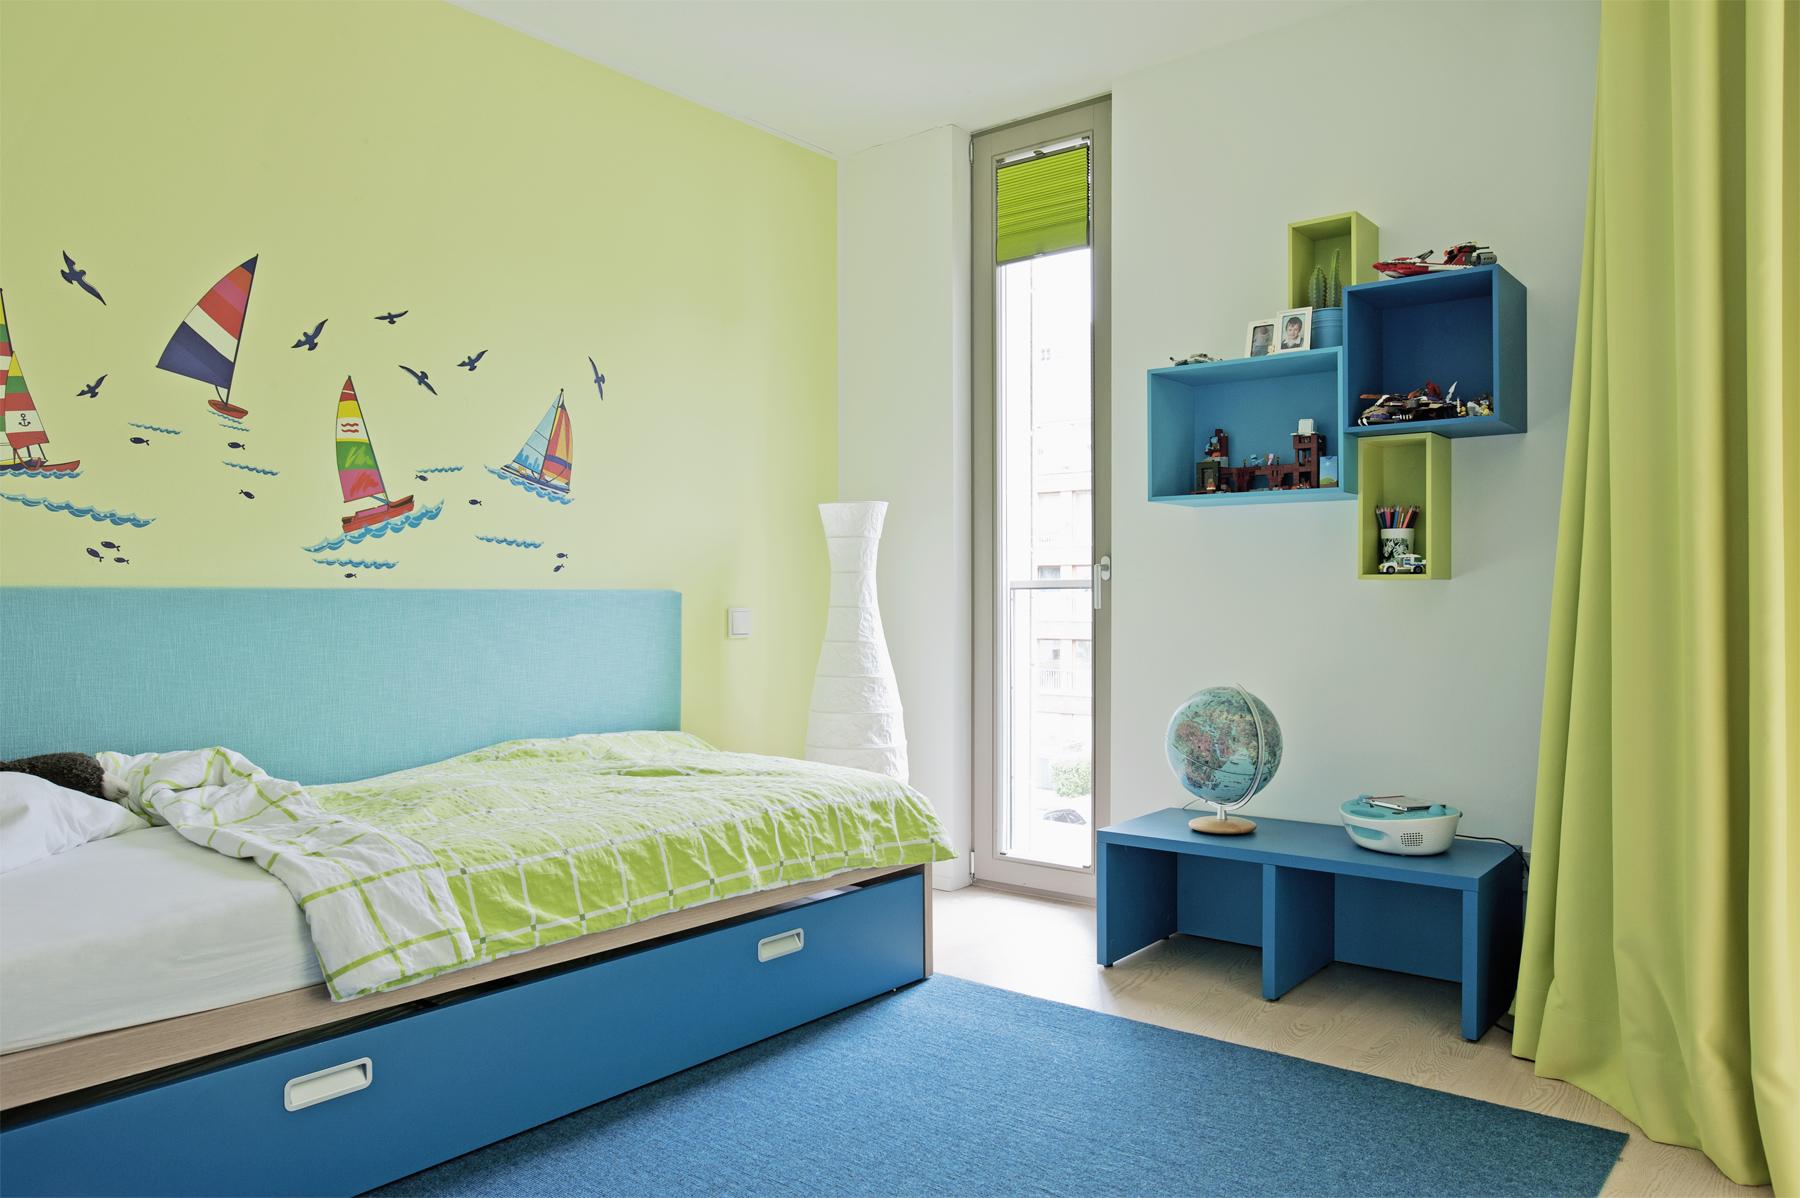 Full Size of Jungen Kinderzimmer Mobimio Jugendzimmer Zum Wohlfhlen Referenzen Regal Sofa Regale Weiß Kinderzimmer Jungen Kinderzimmer